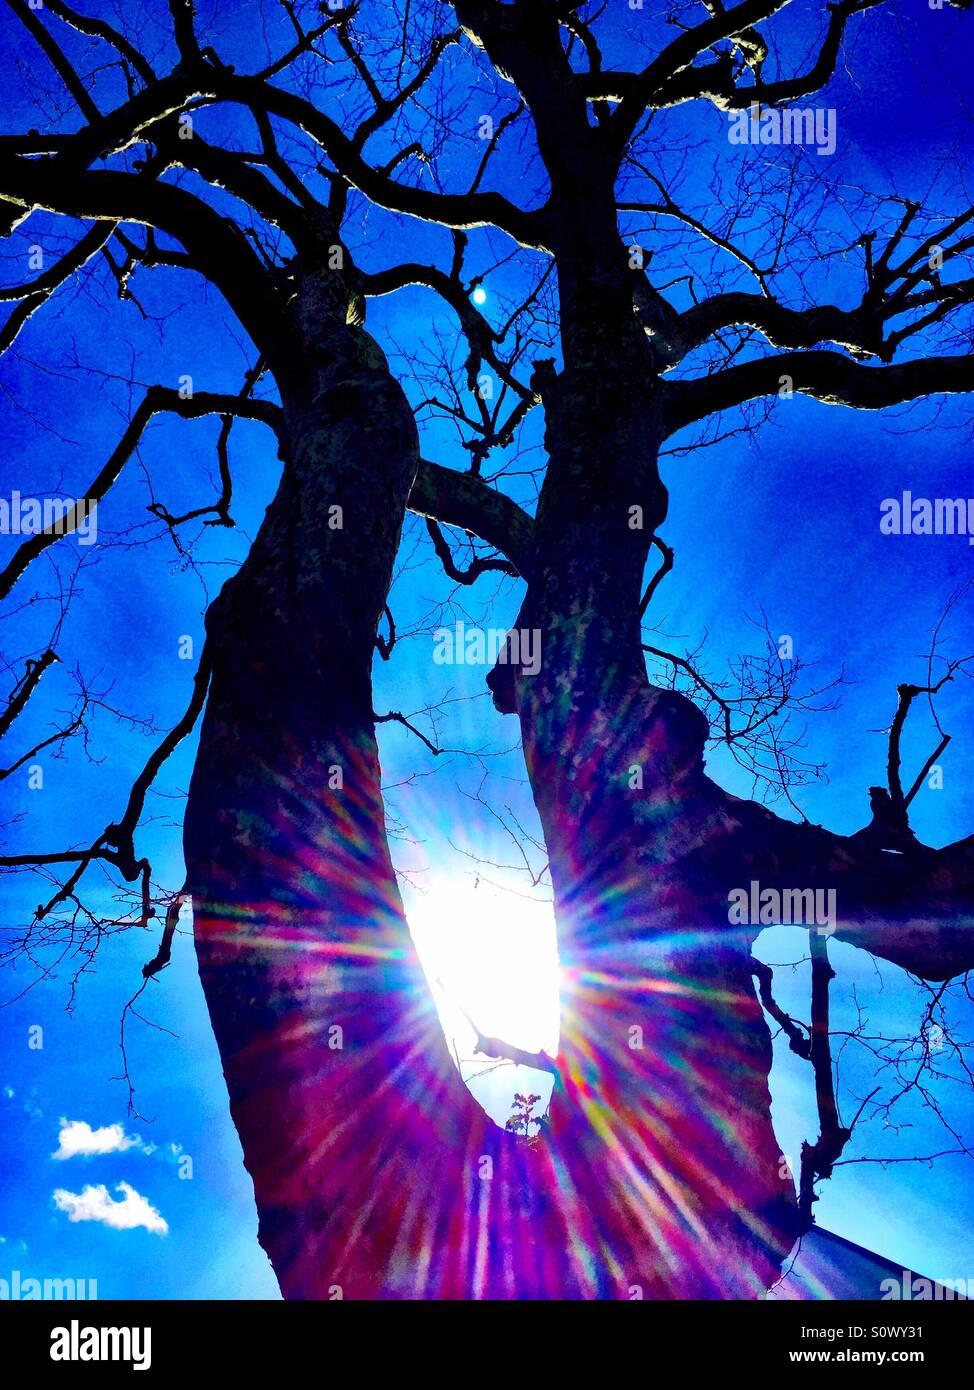 Arbre sans feuilles silhouette rétro-éclairé avec effet flair Photo Stock